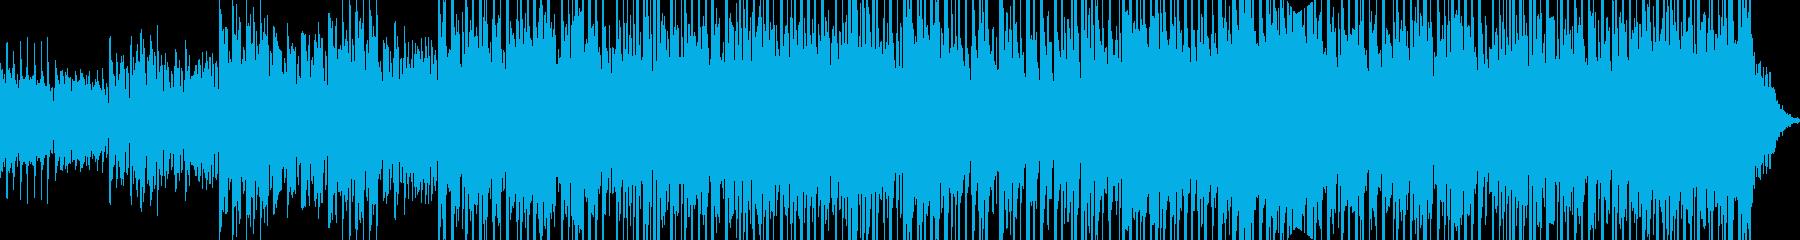 ポップ テクノ ビンテージ お祭り...の再生済みの波形